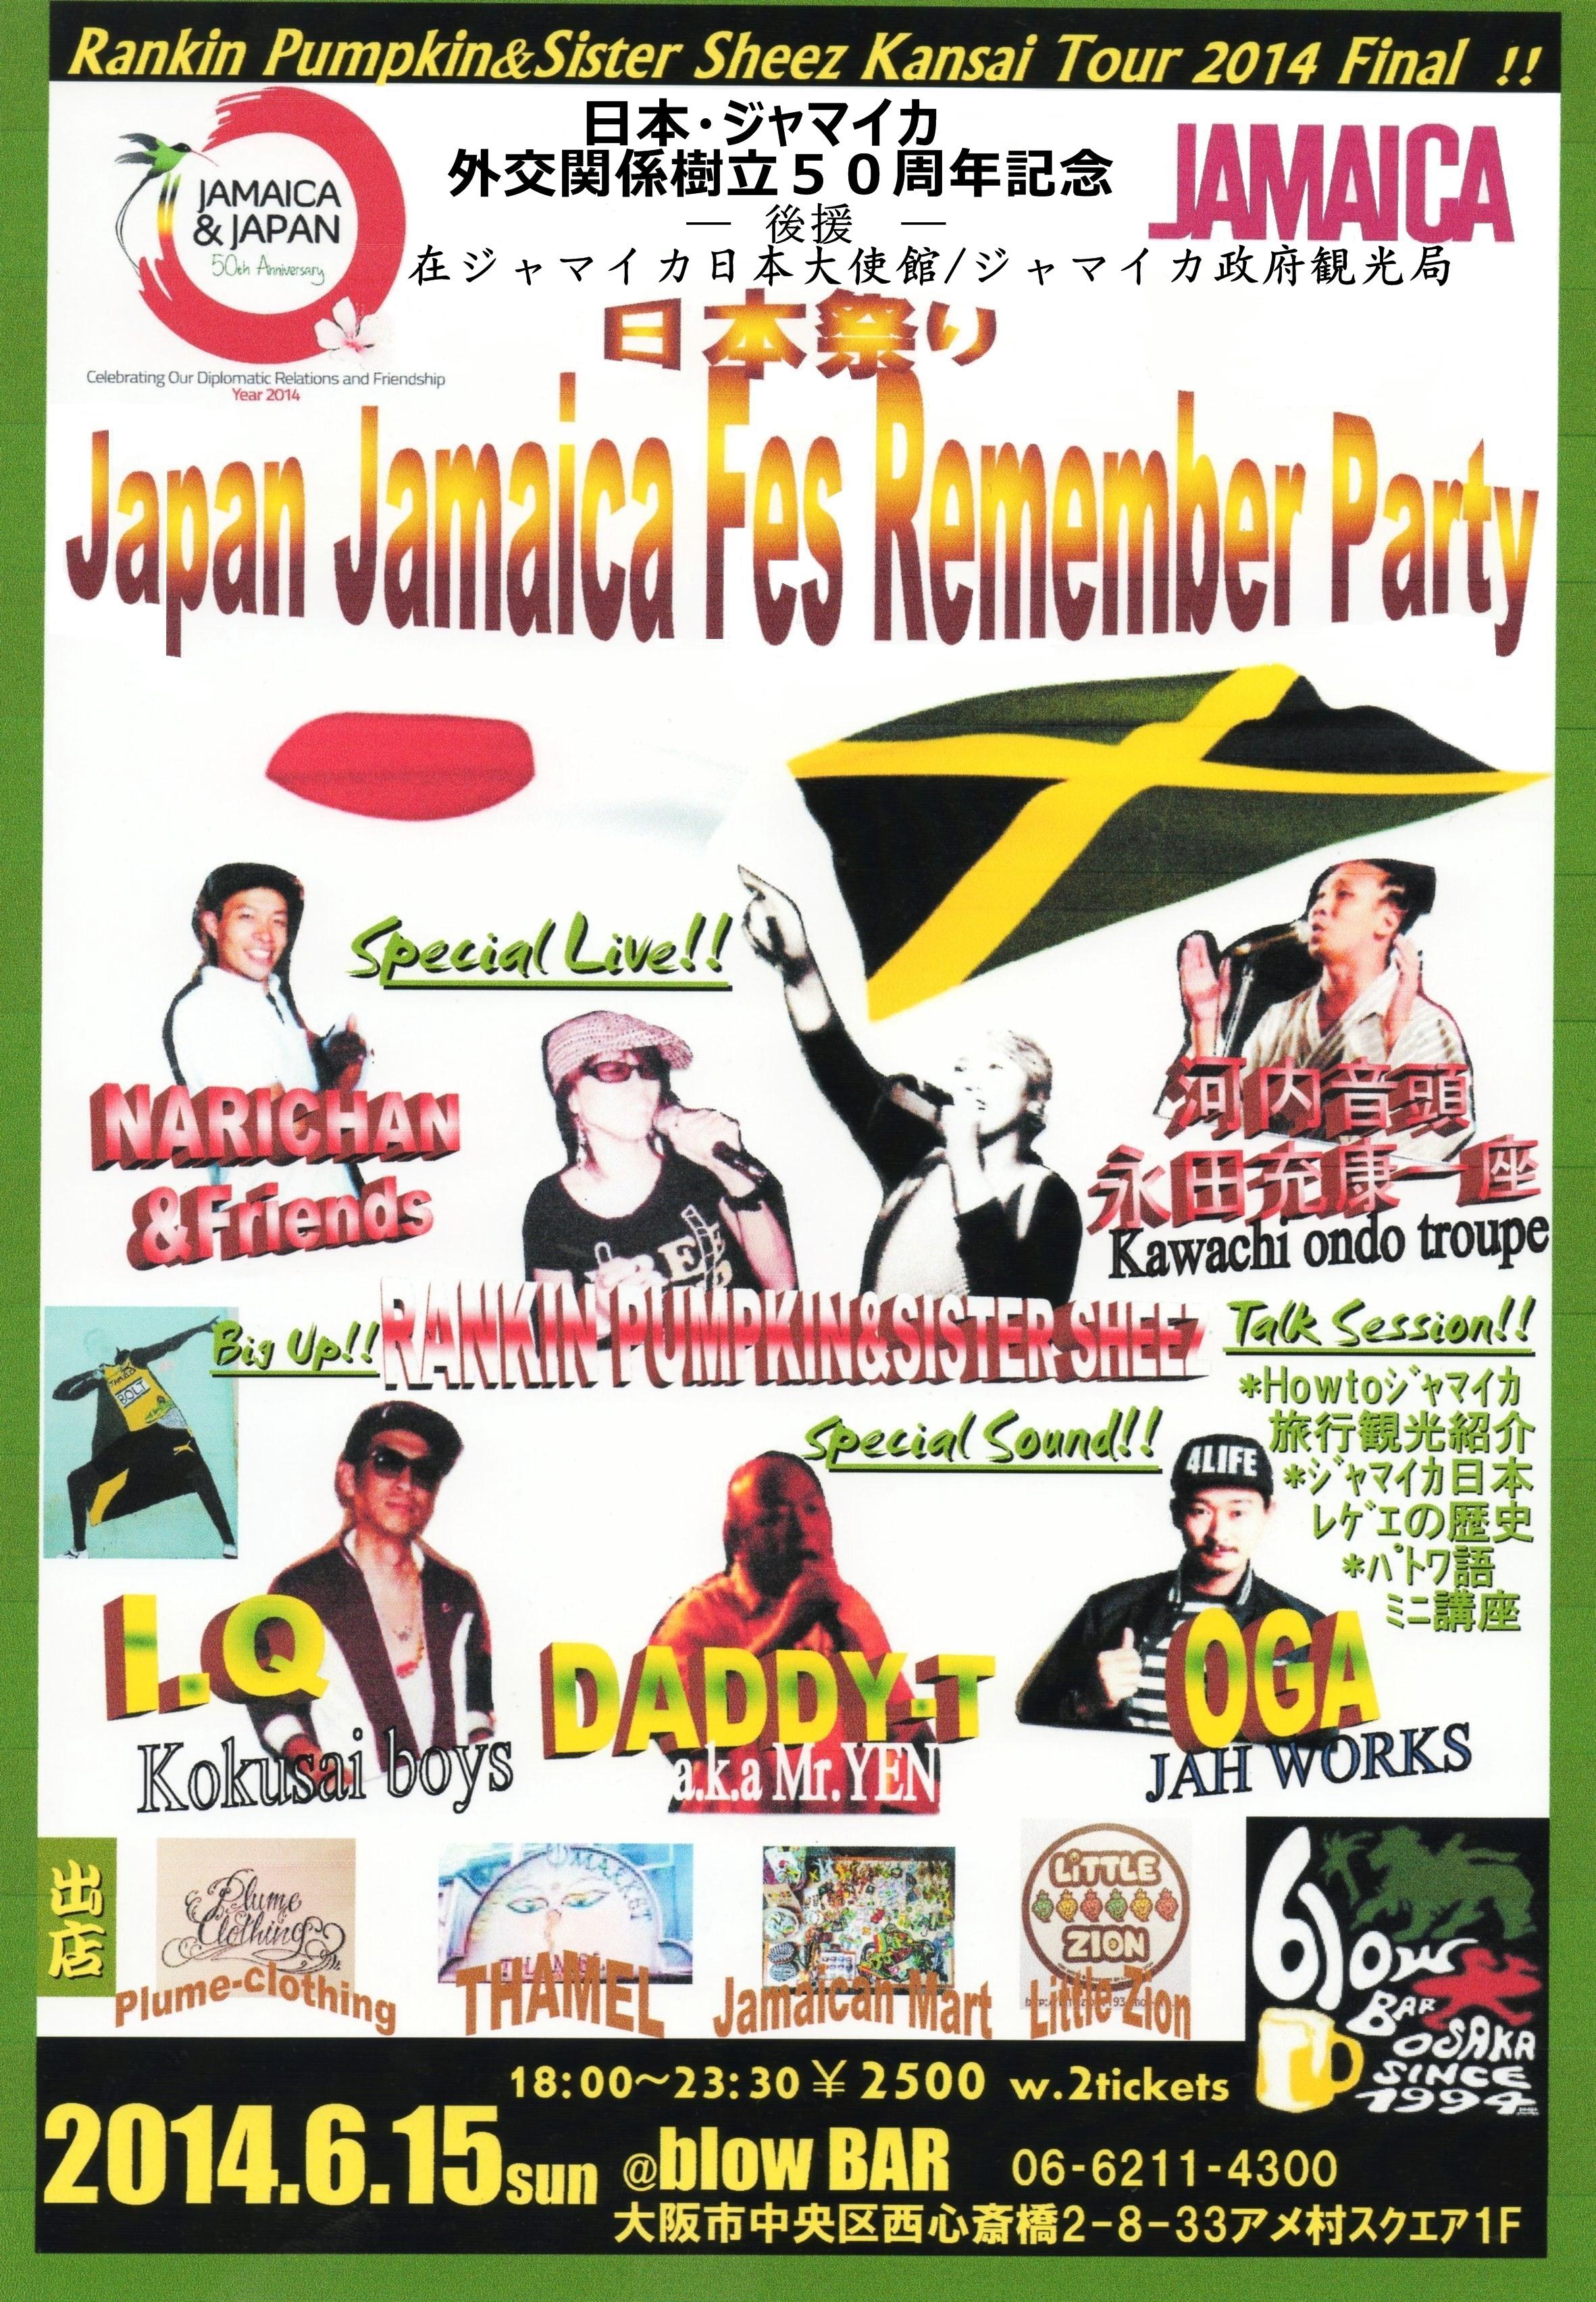 日本・ジャマイカ外交樹立50周年記念イベント 大阪